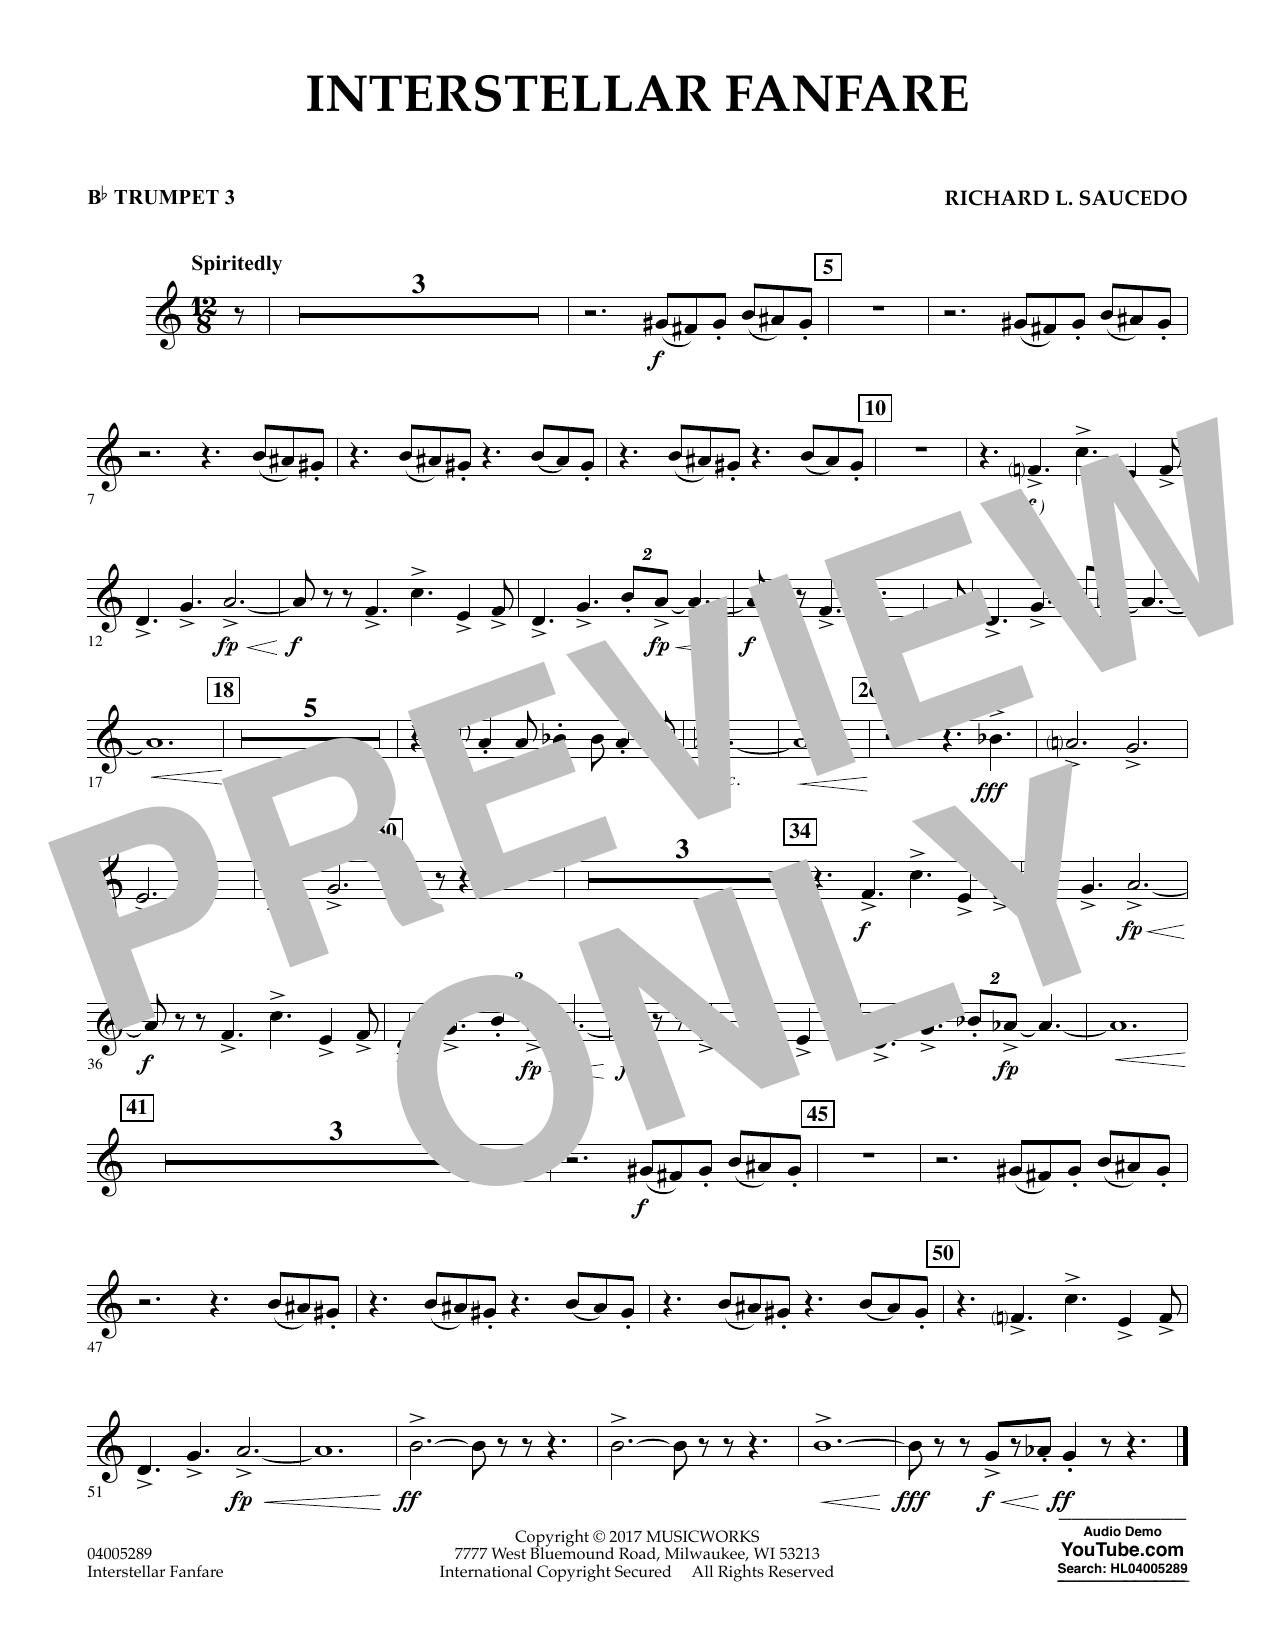 Richard L. Saucedo Interstellar Fanfare - Bb Trumpet 3 sheet music notes printable PDF score